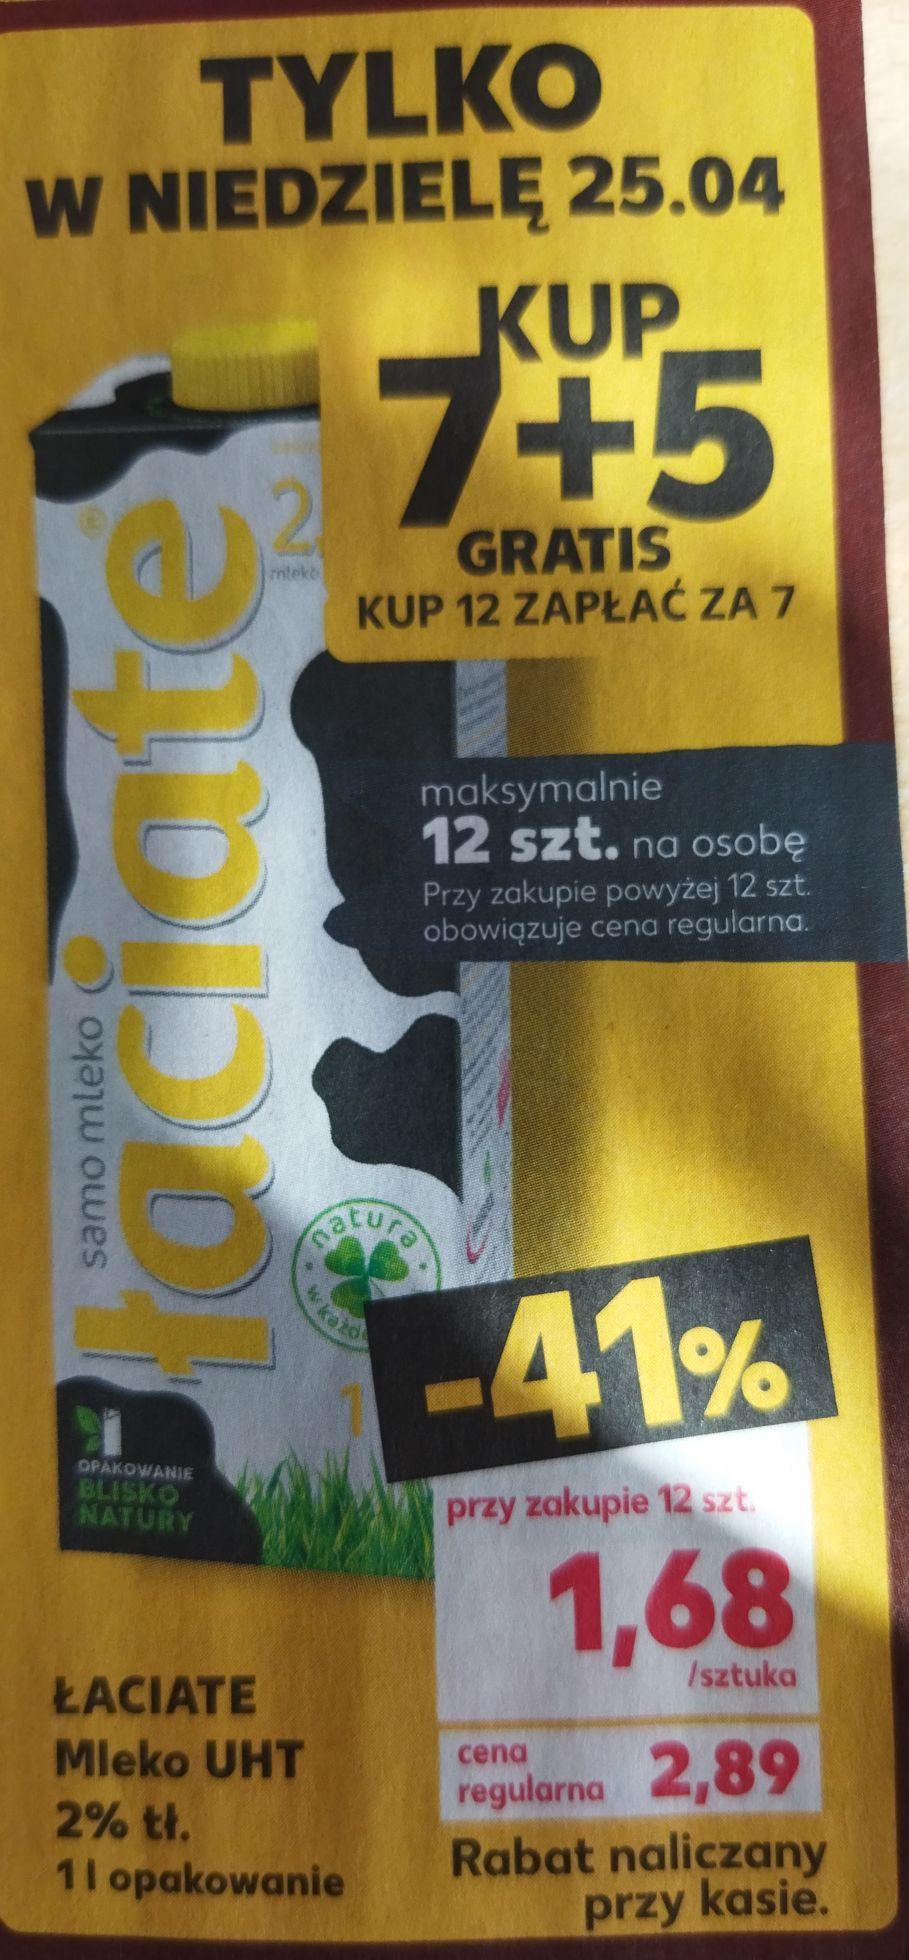 Mleko łaciate 2% 7+5 - Kaufland